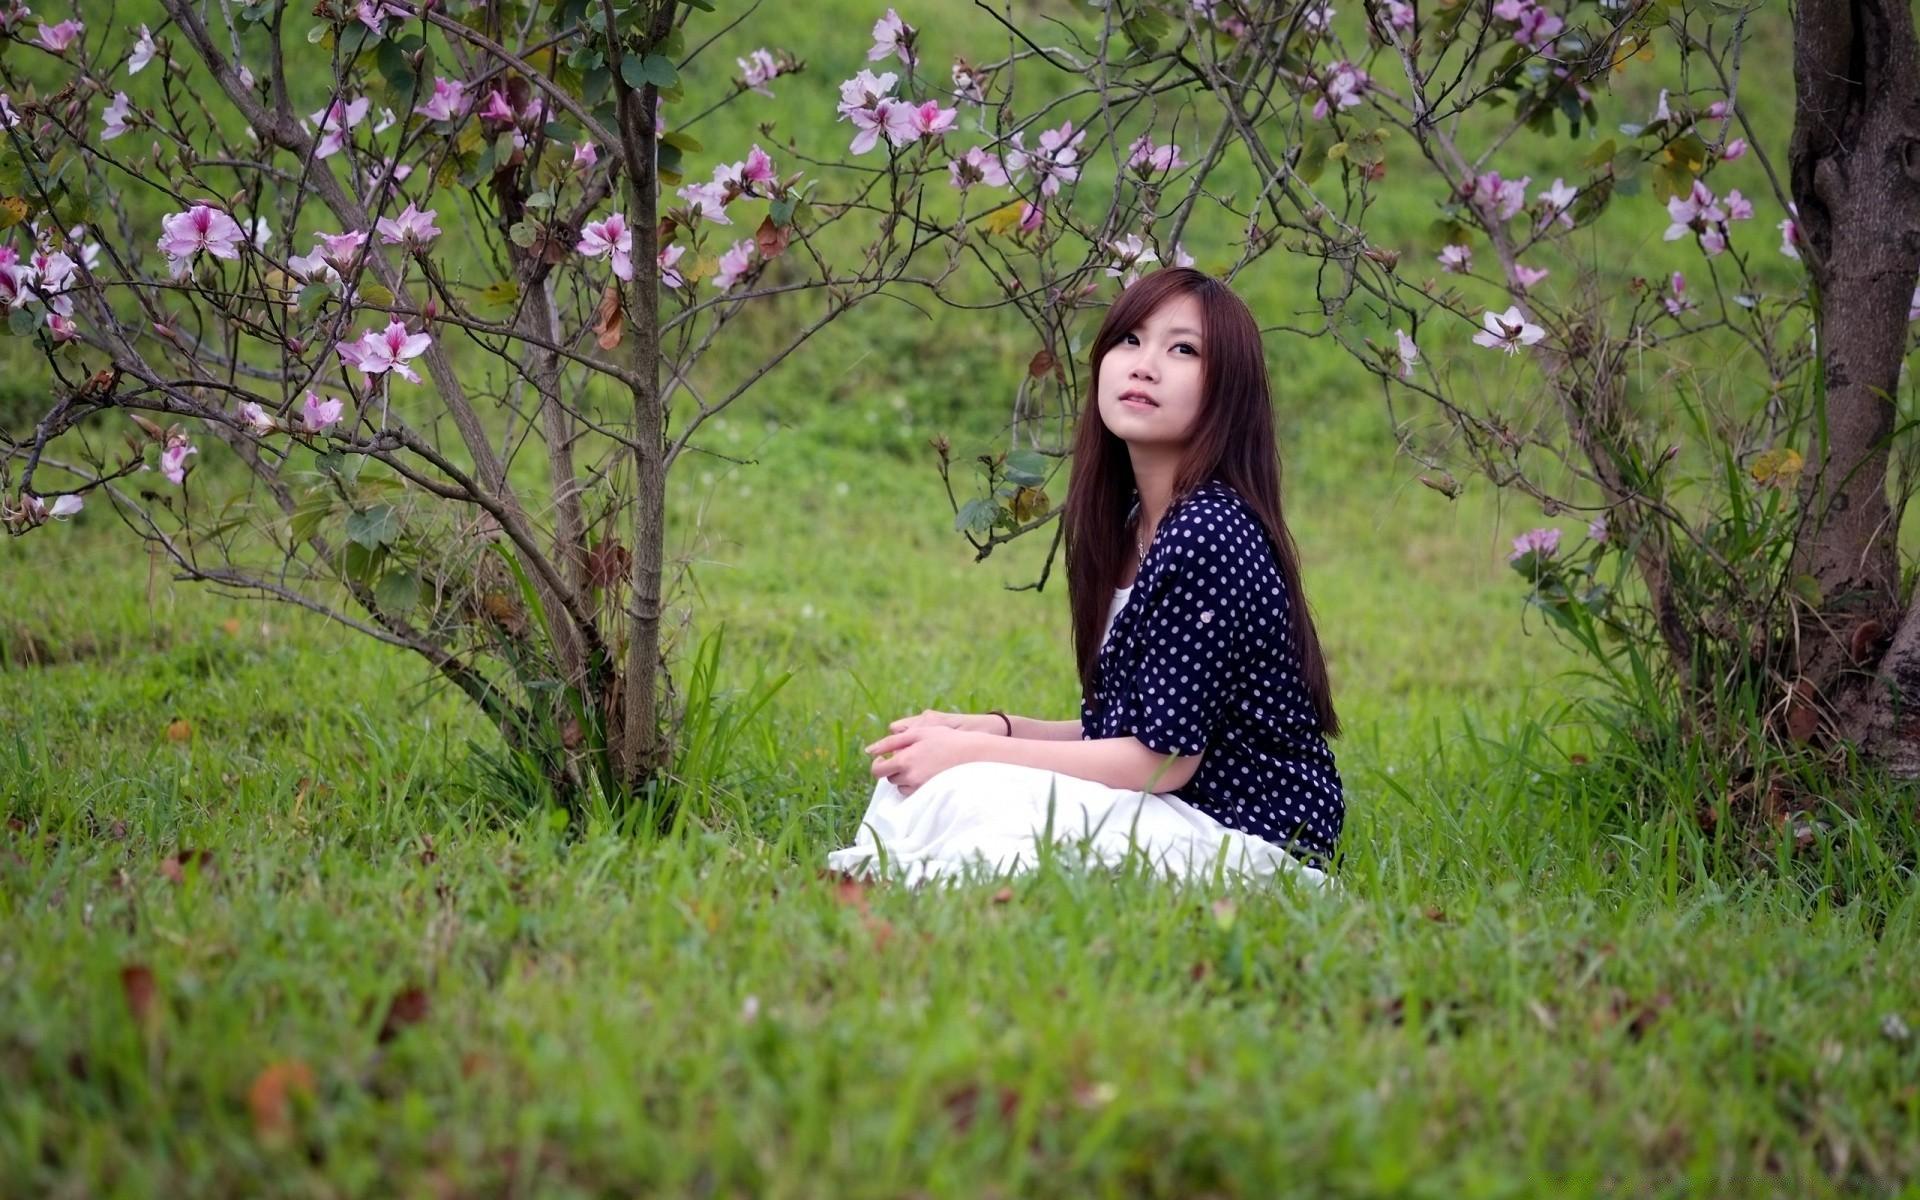 Фото природа девушка 18